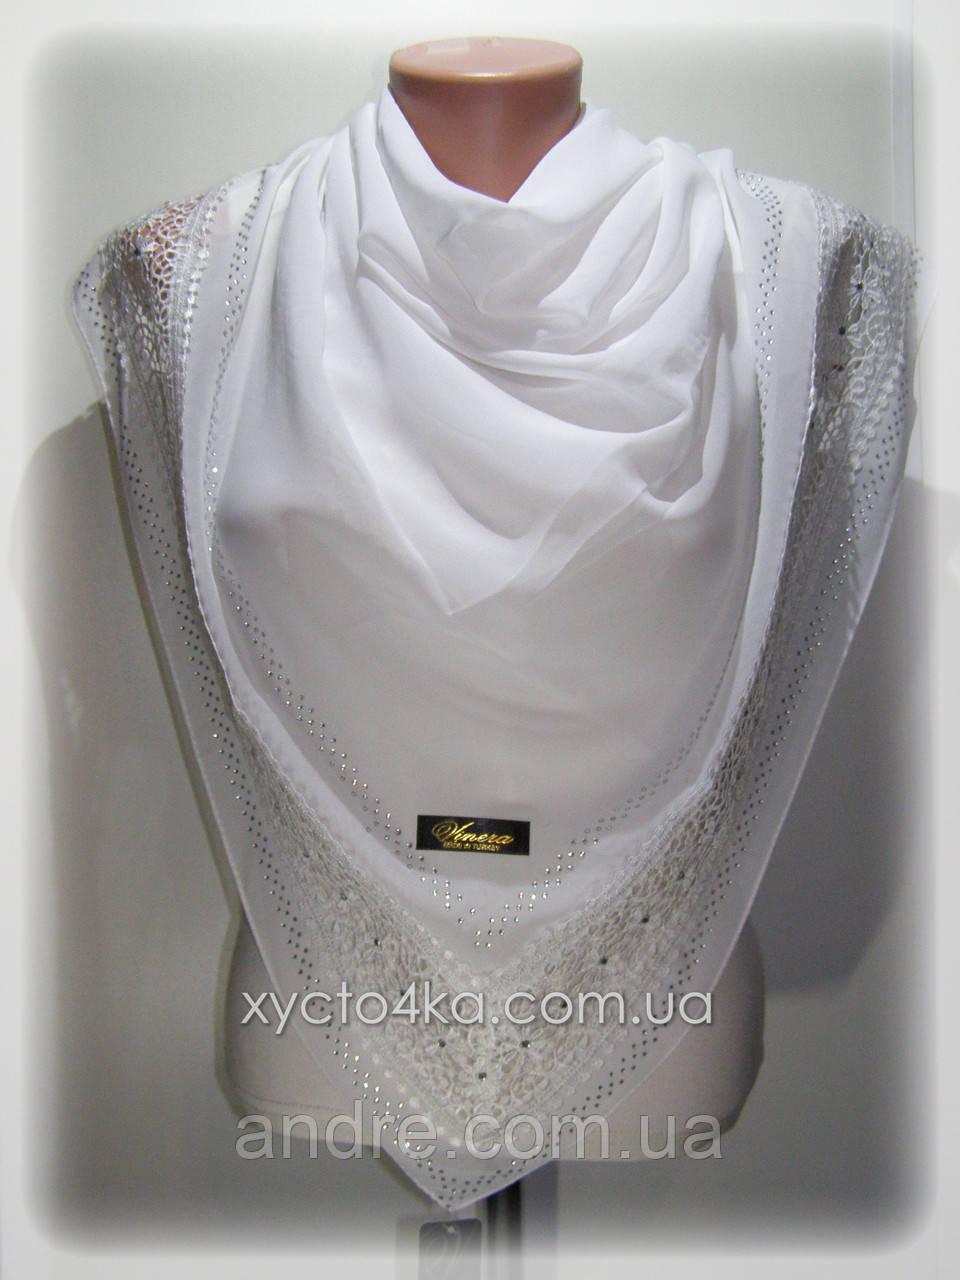 Нарядные шифоновые платки Глория, белый